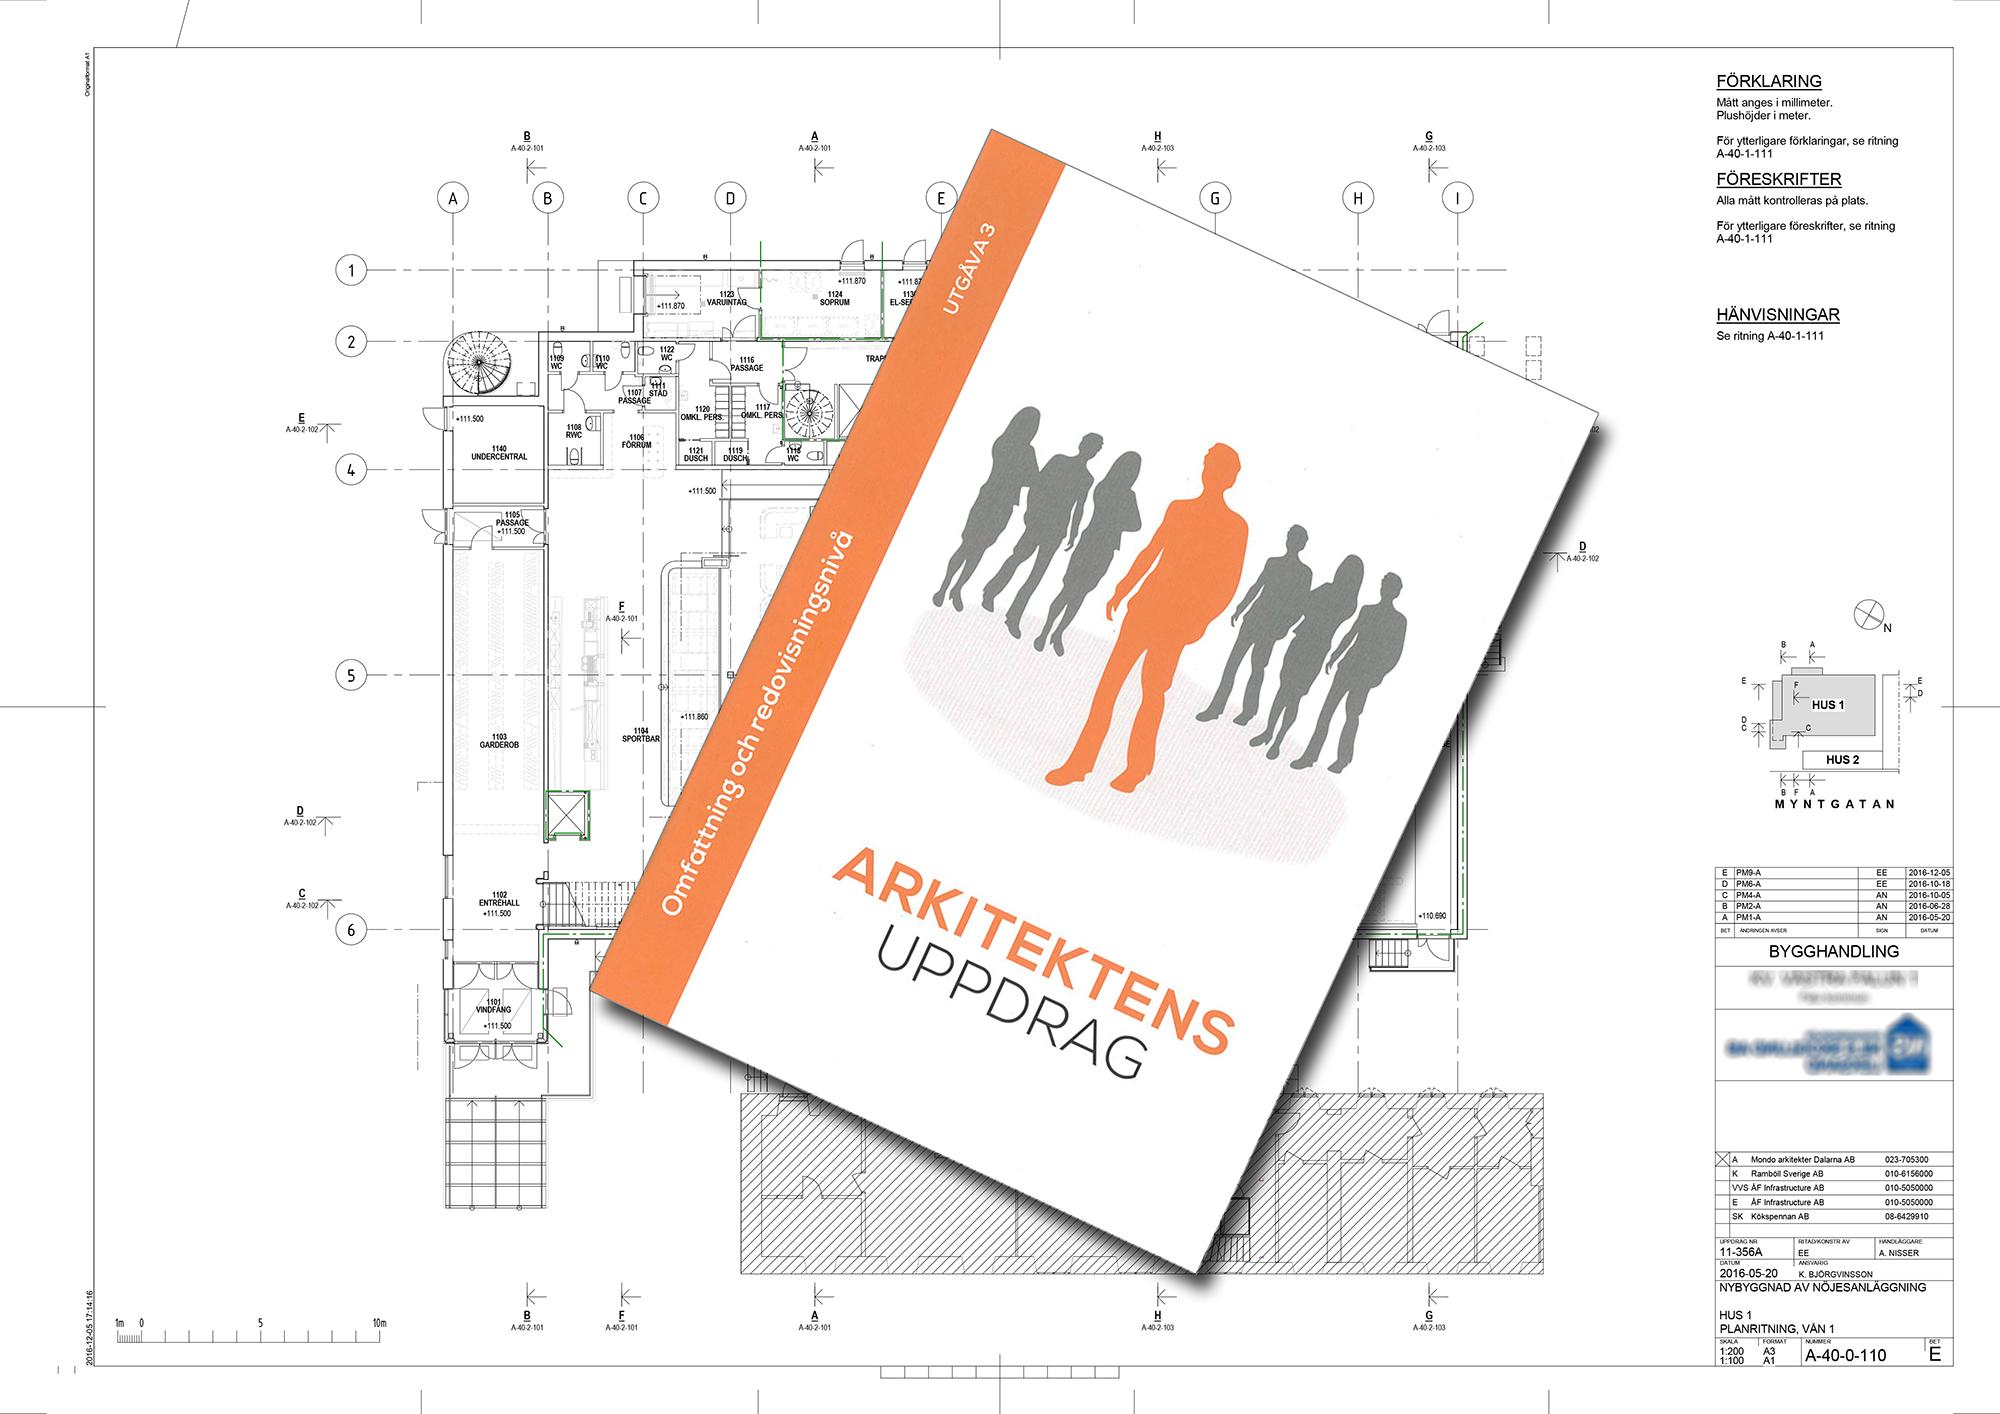 arkitektens-uppdrag-ssark.jpg